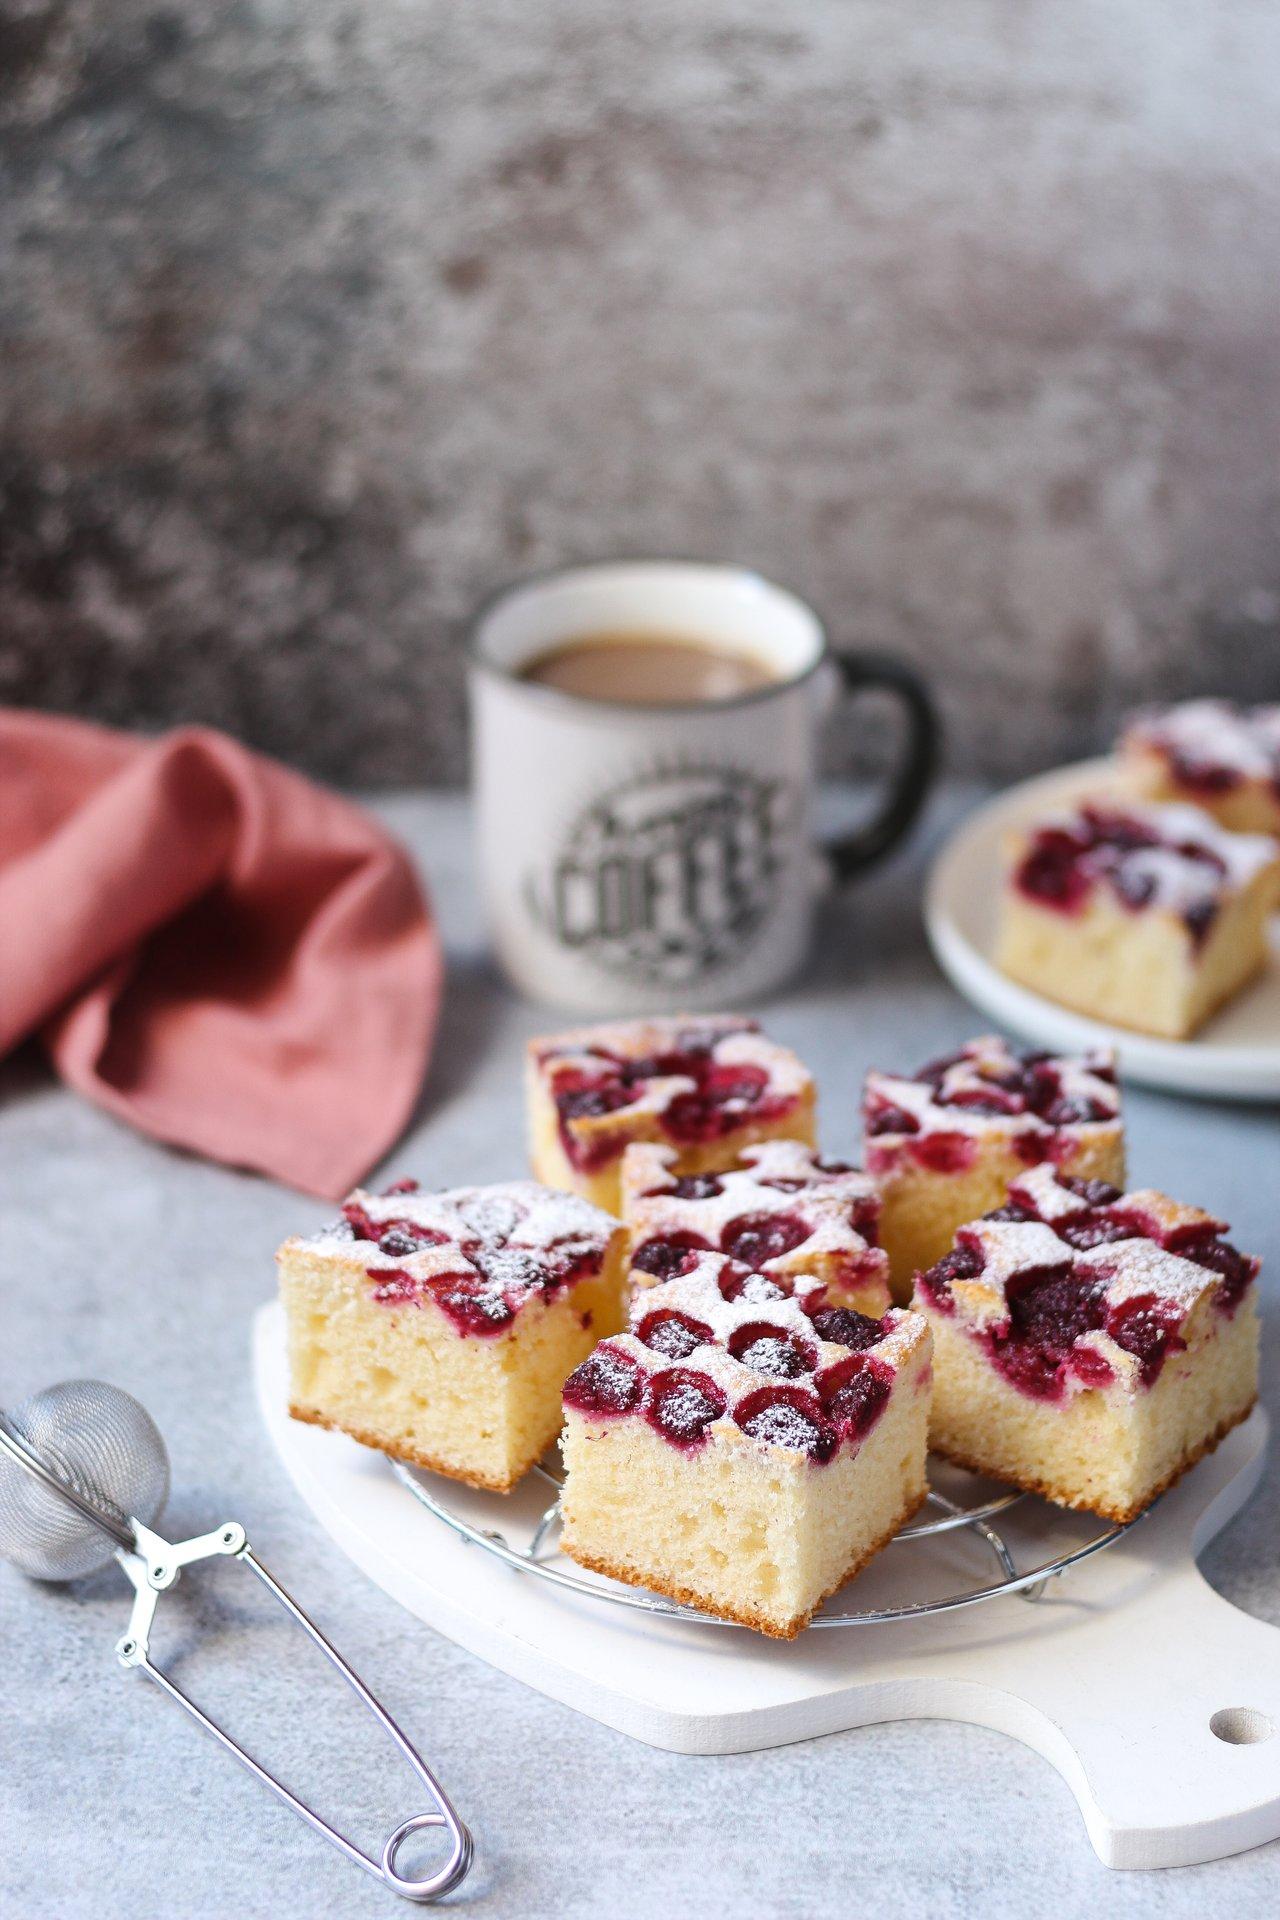 Brzi kolač sa kiselom pavlakom i malinama 2